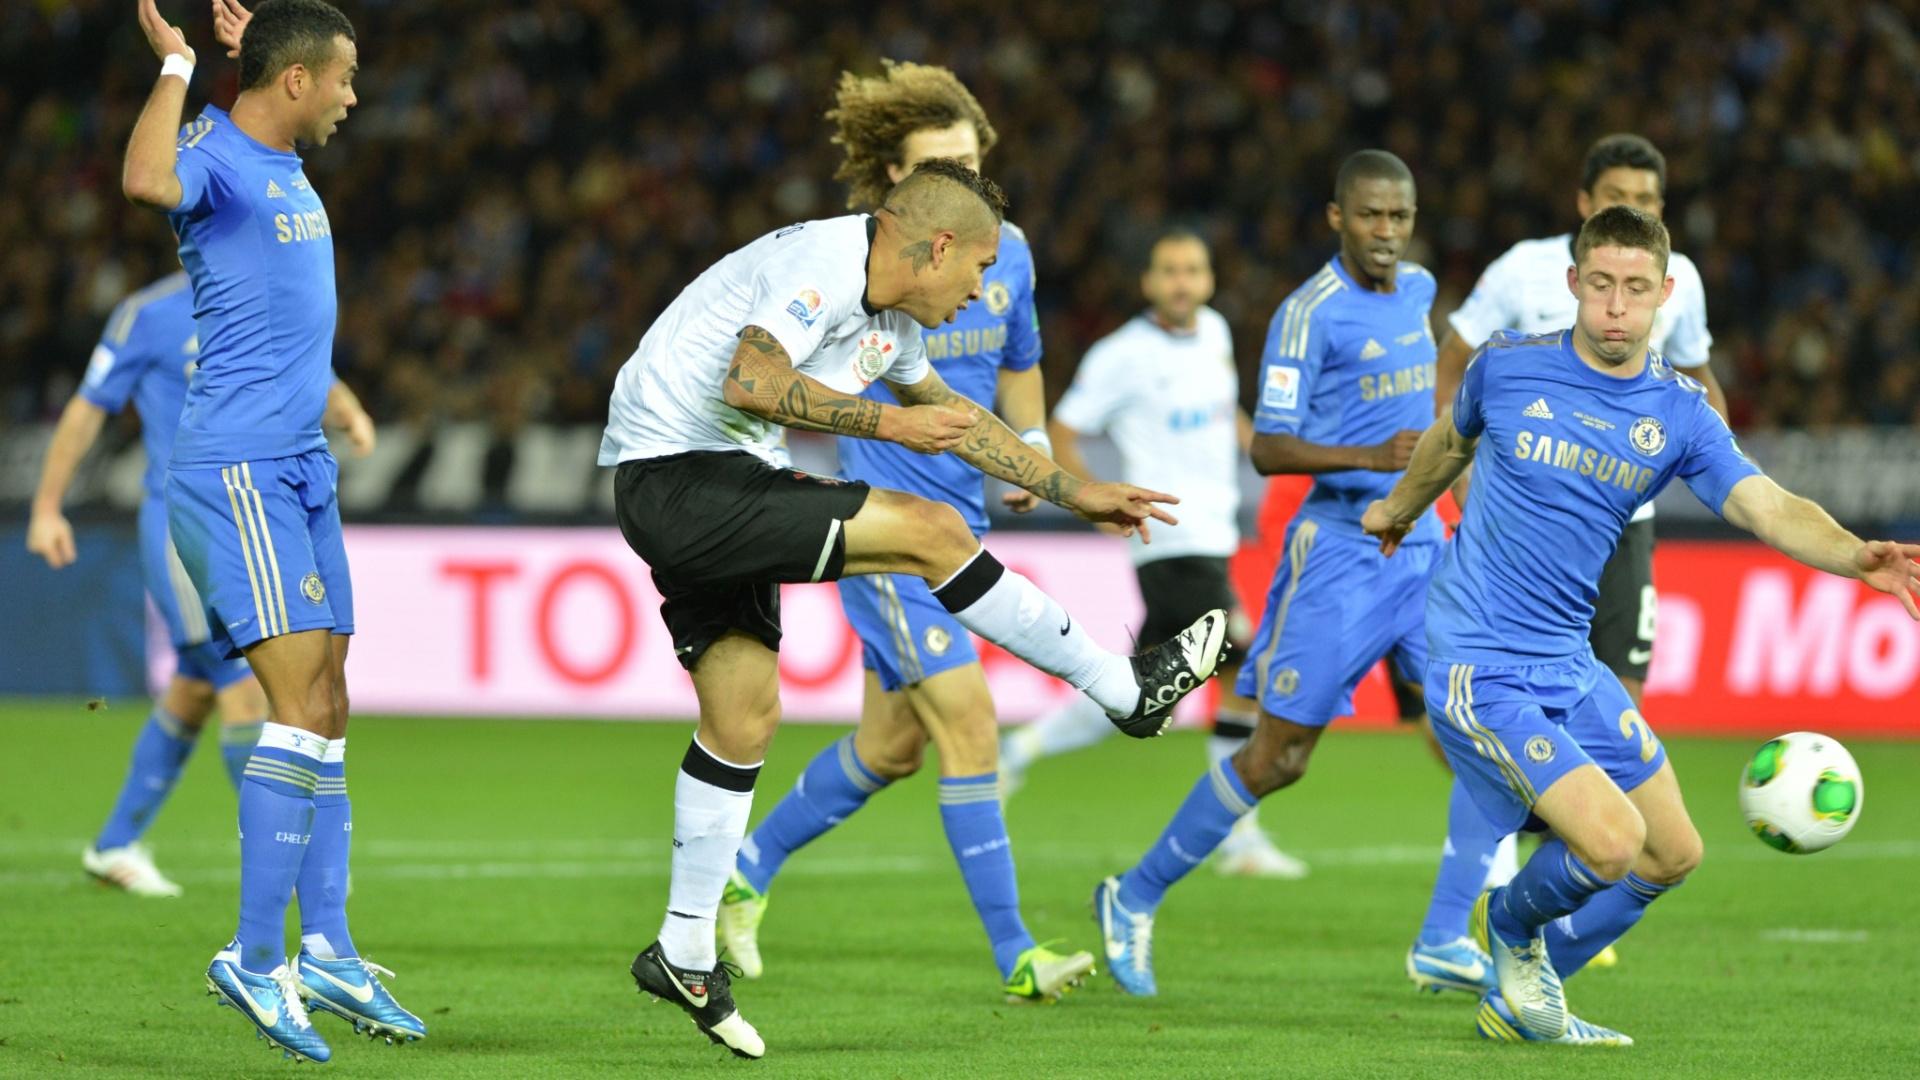 16.dez.2012 - Guerrero, do Corinthians, finaliza com perigo à direita do gol de Cech, do Chelsea, durante a final do Mundial de Clubes da Fifa, em Yokohama, no Japão